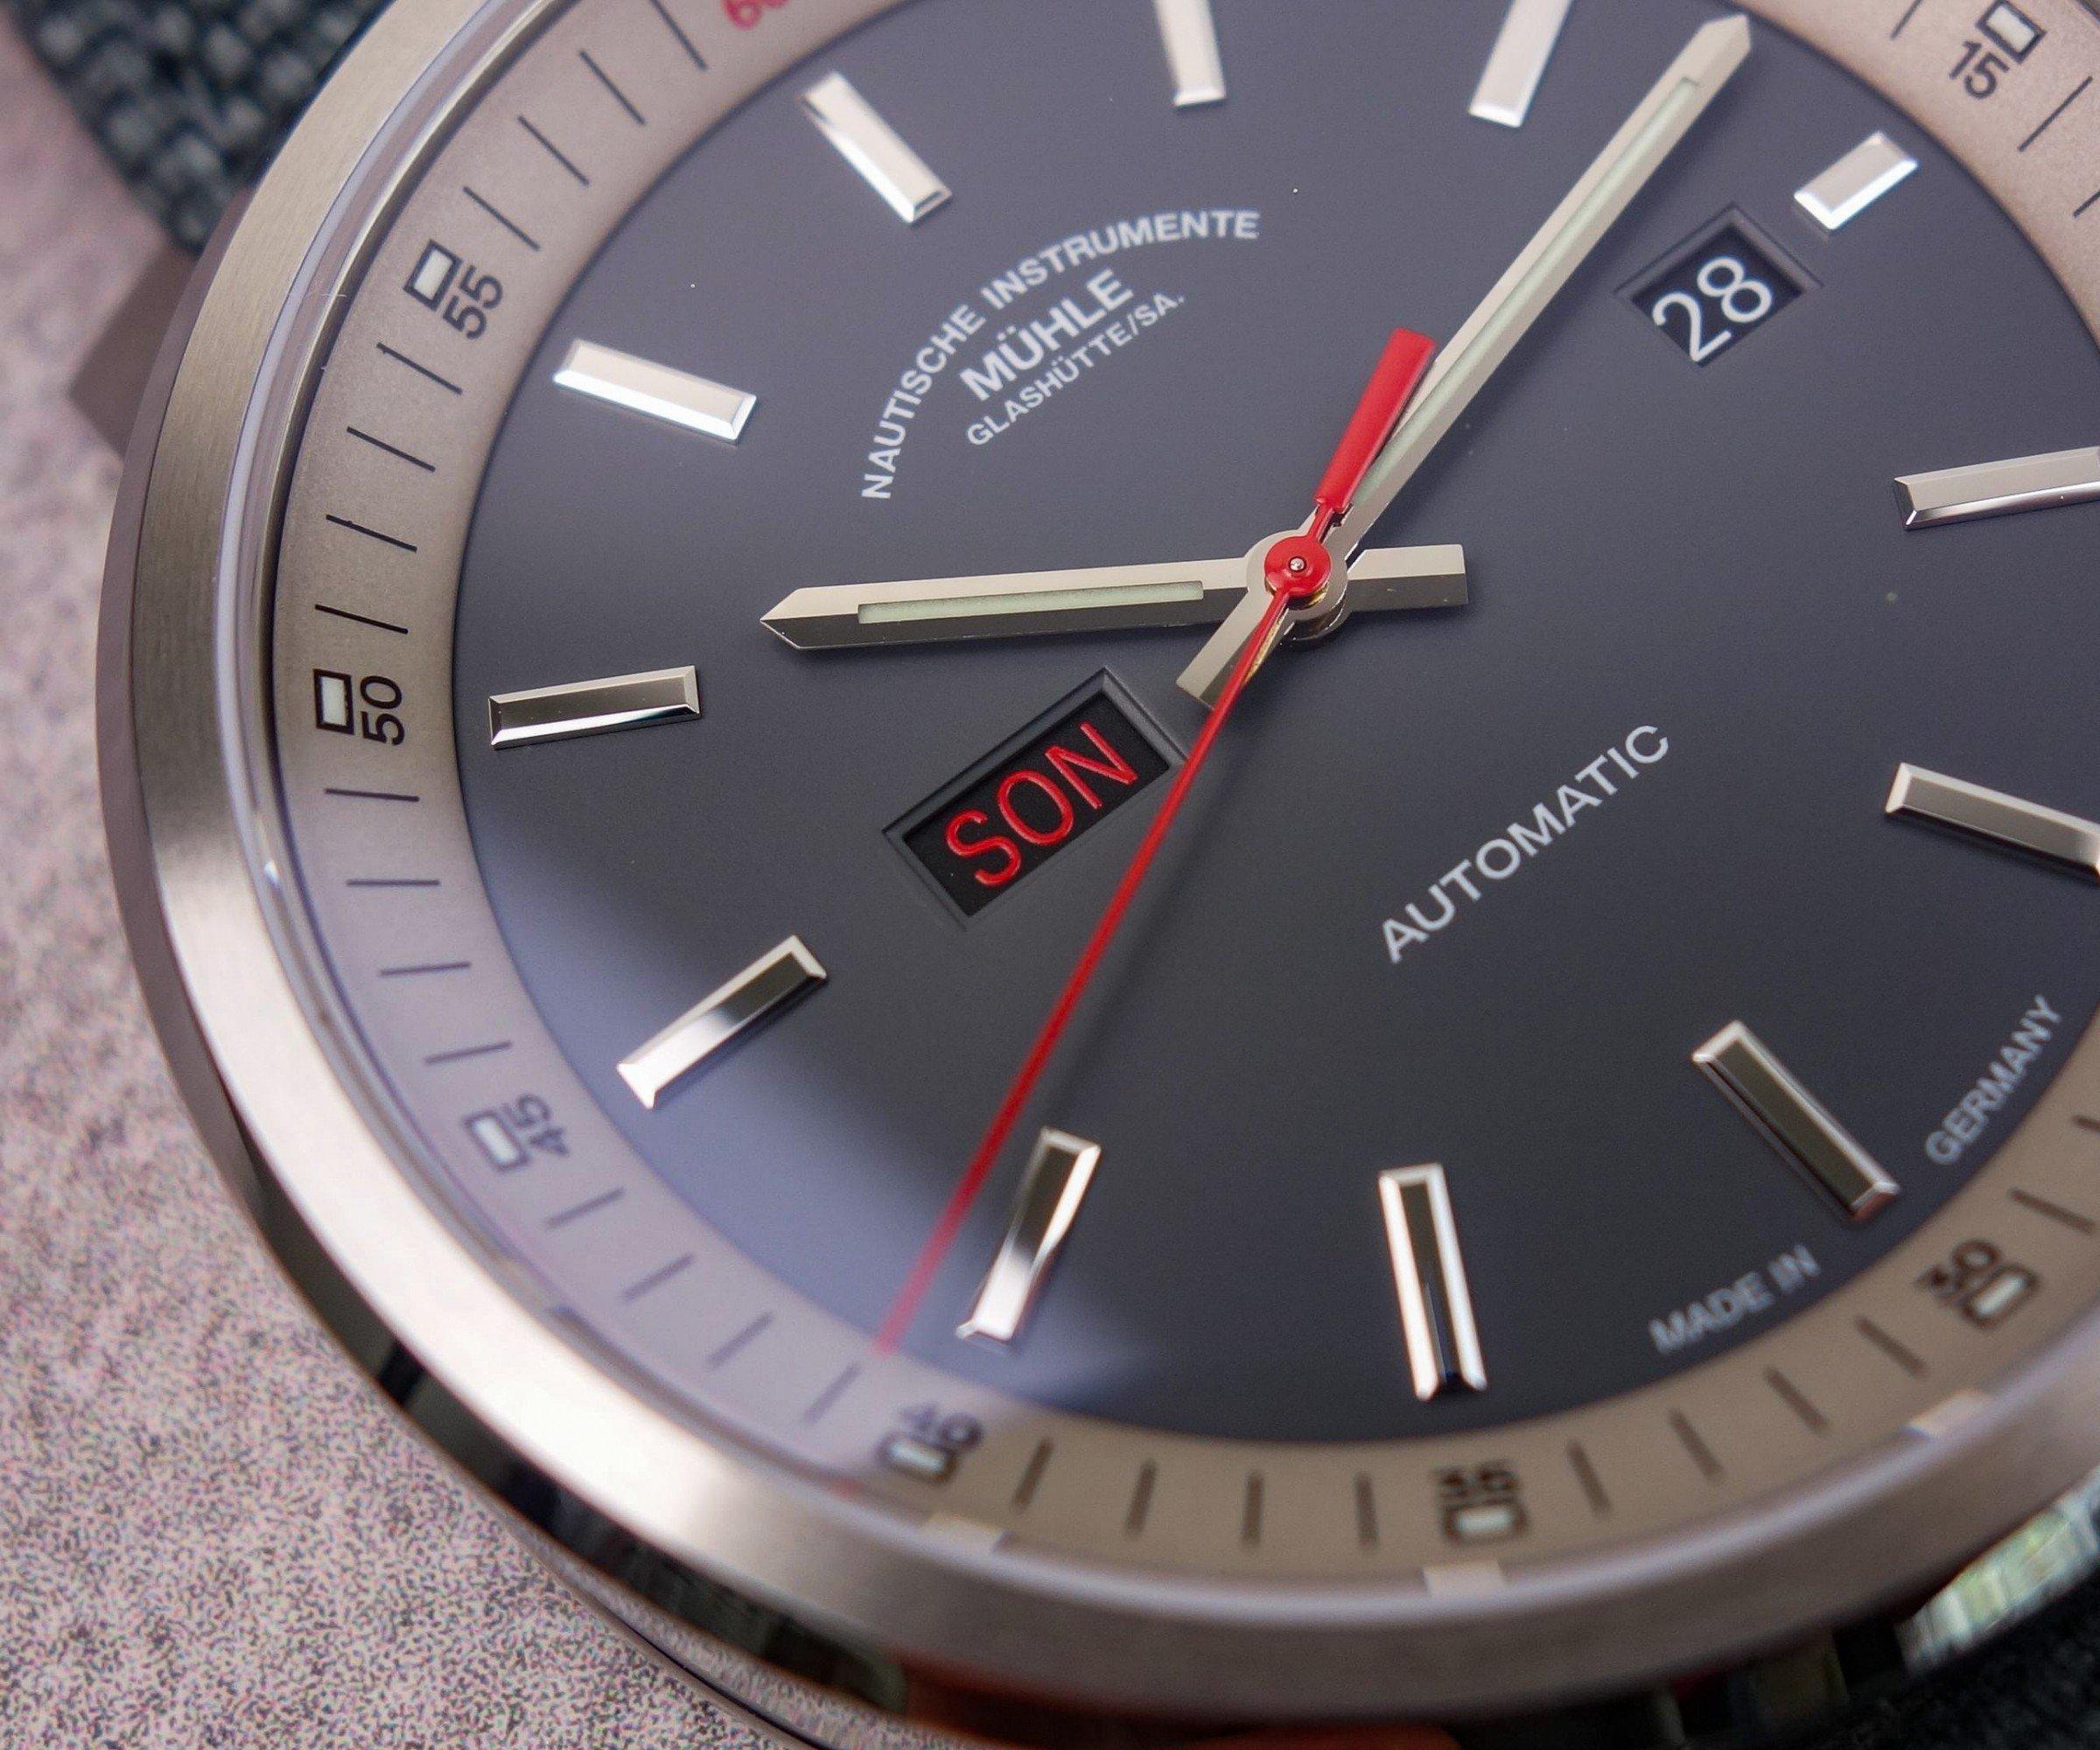 Roter Sonntag Datumsanzeige Uhr Glashütte